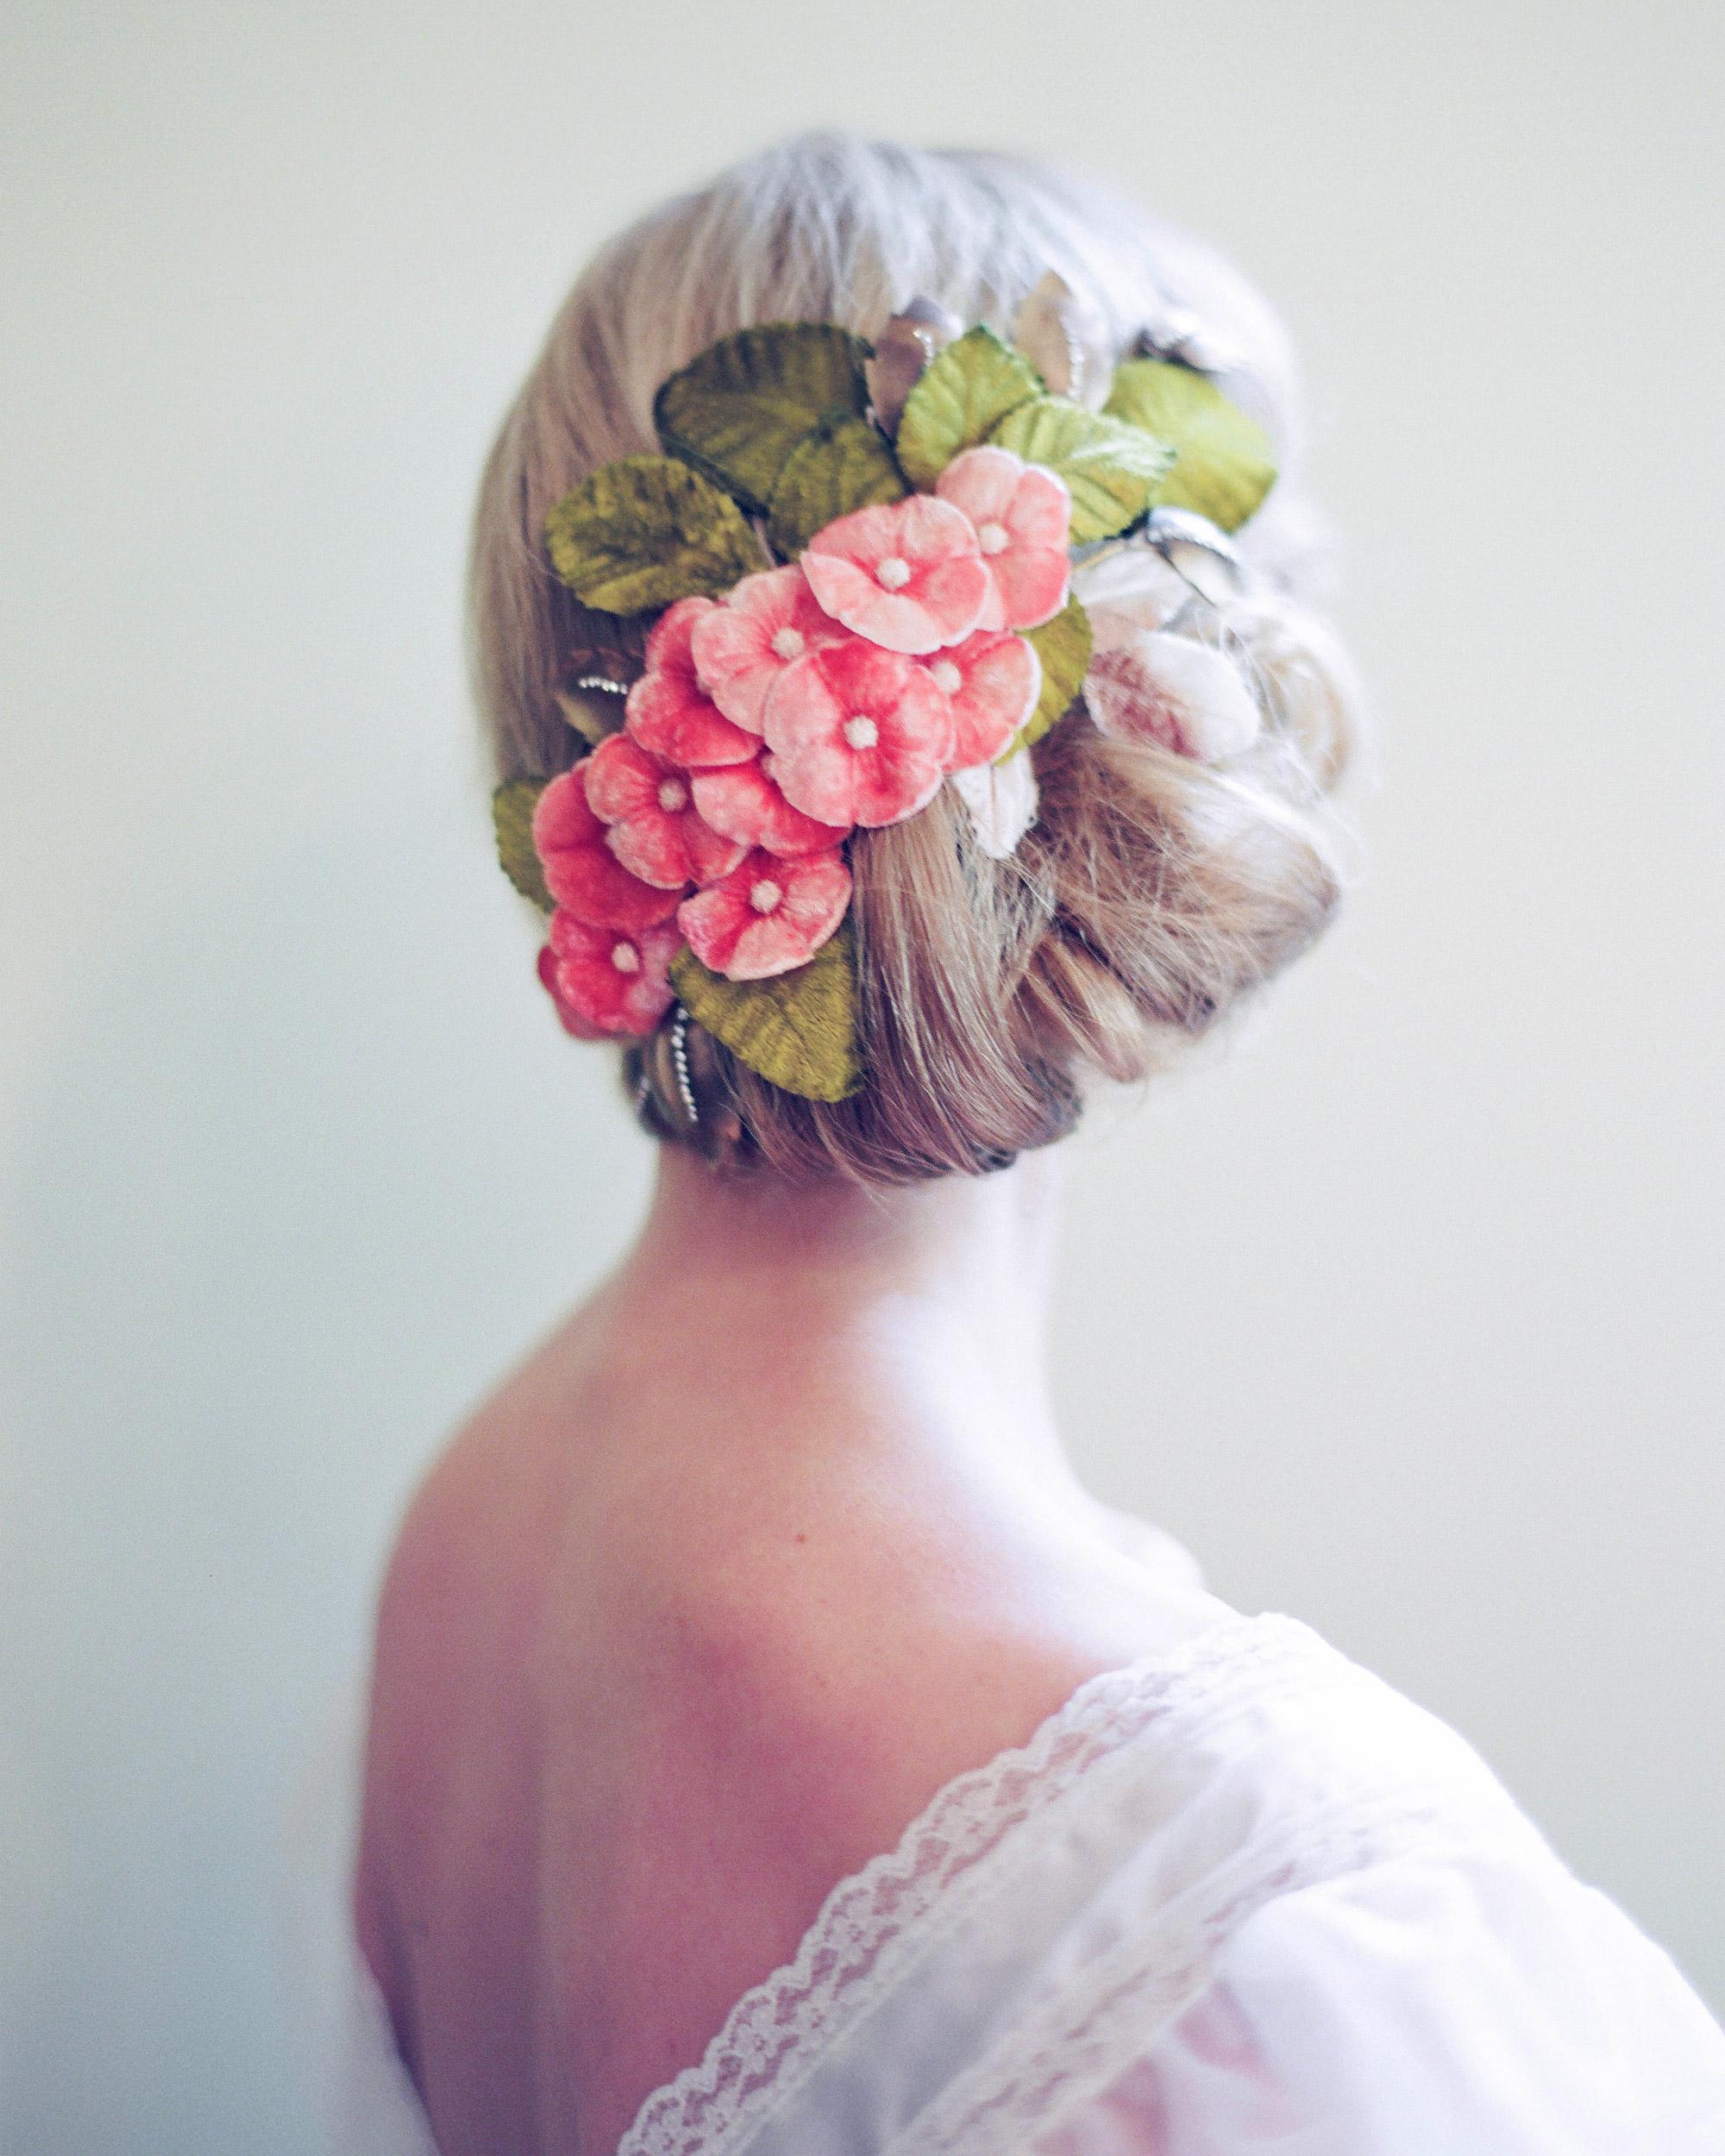 adrienne-jason-wedding-minnesota-velvet-flowers-hair-0278-s111925.jpg